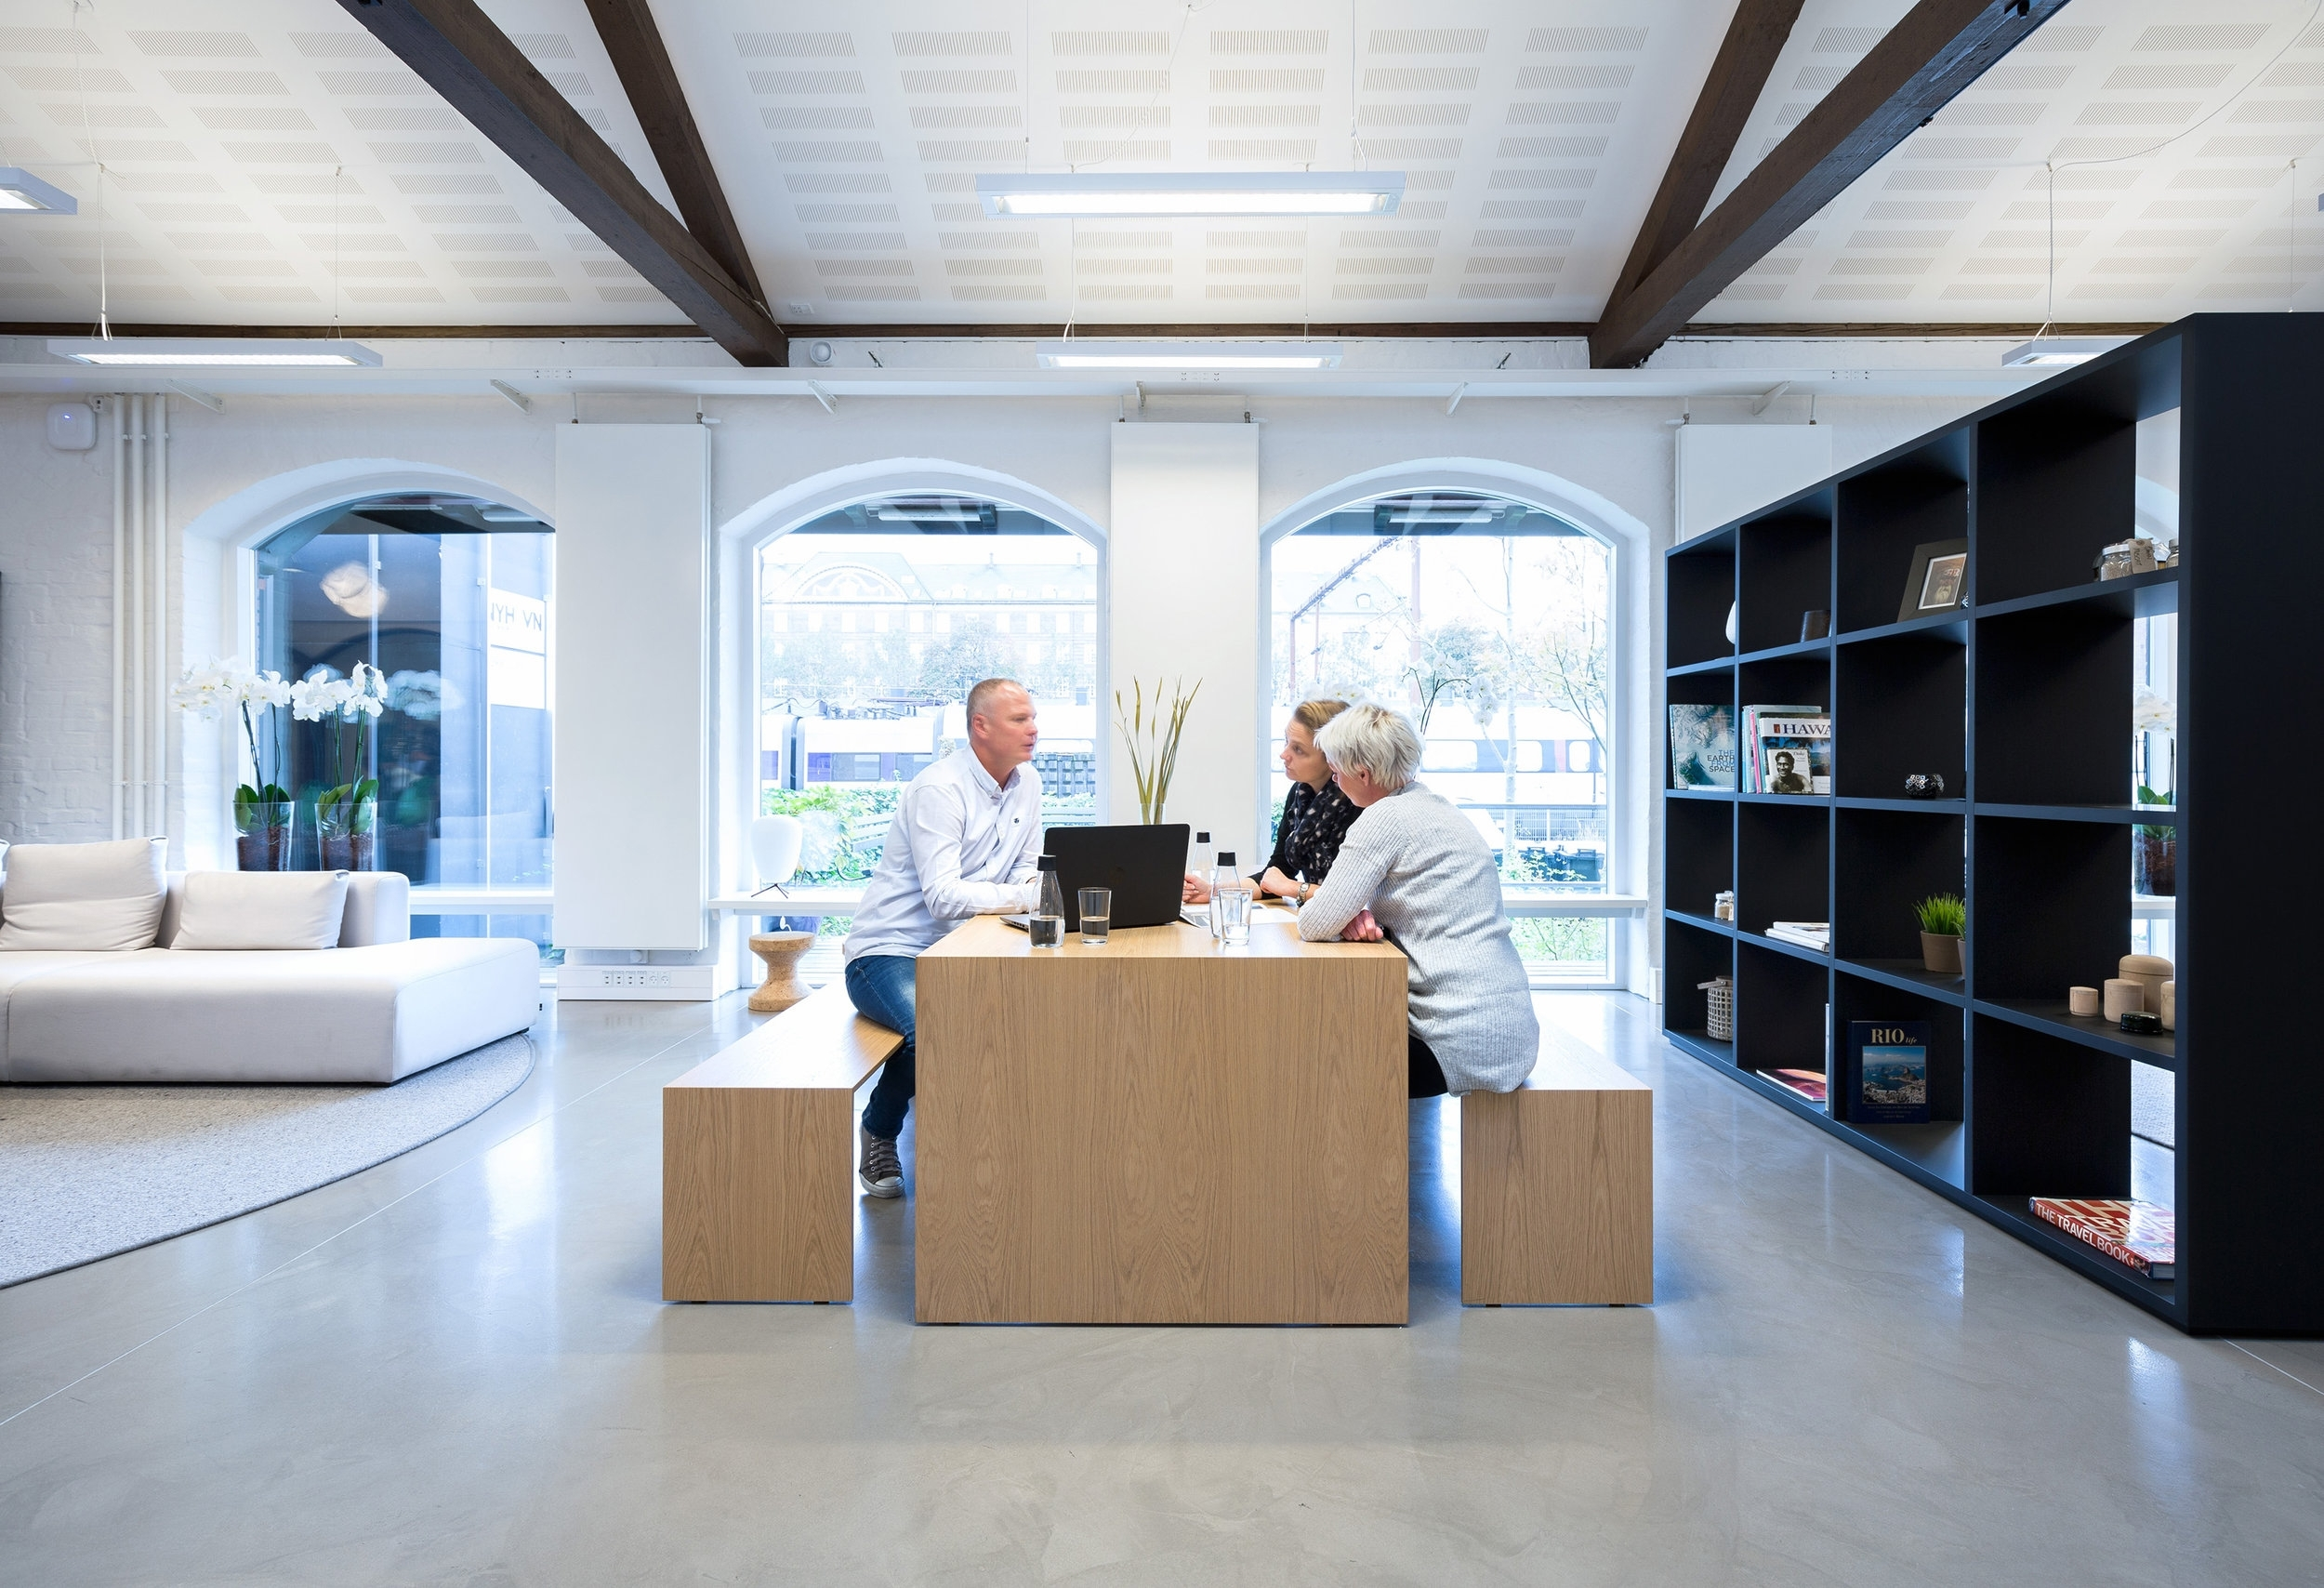 XL-NyhavnRejser-reception (3).jpg